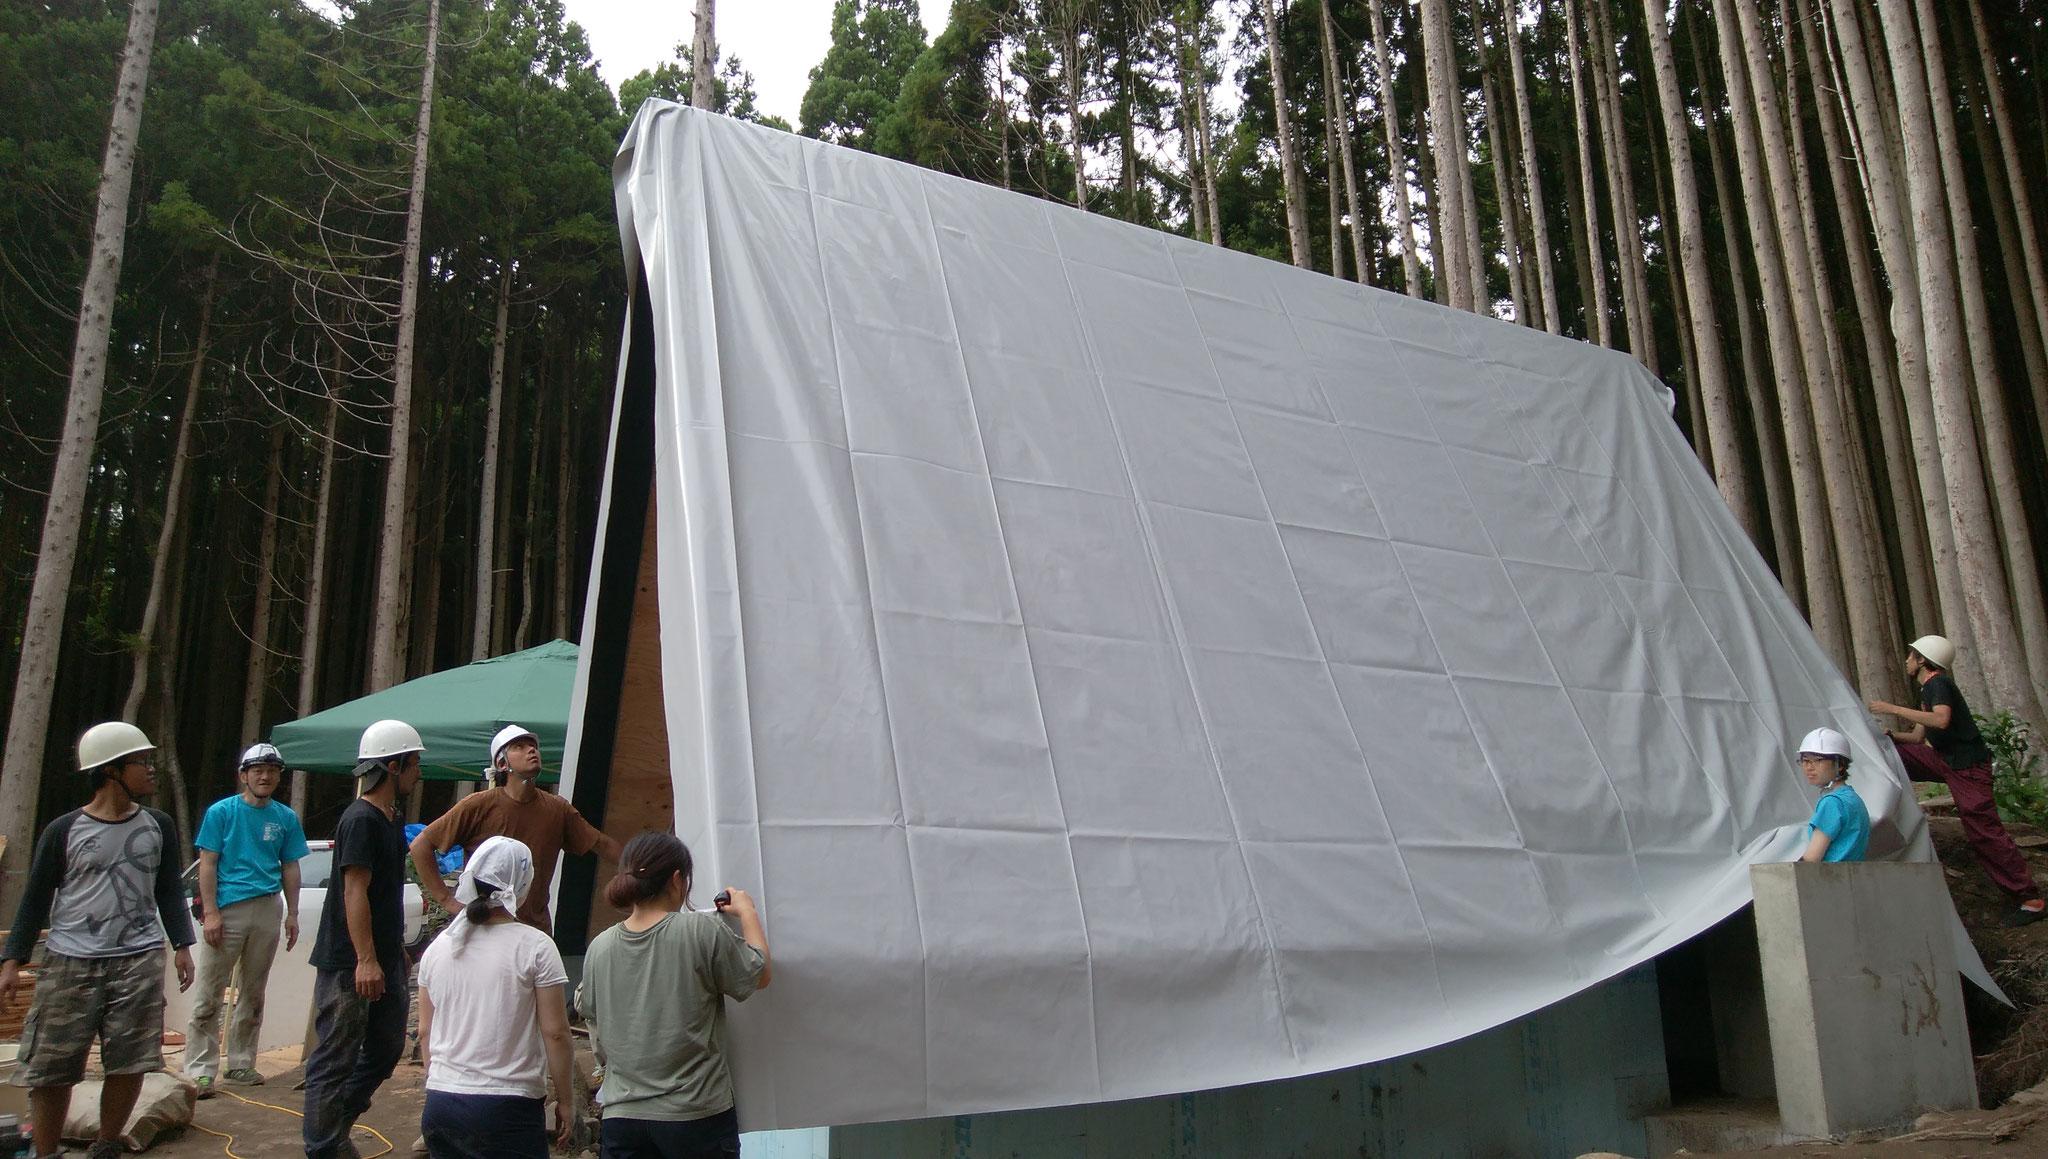 特注のテント幕を掛けたら、テントをモチーフにしたタイニーハウスの出来上がり。